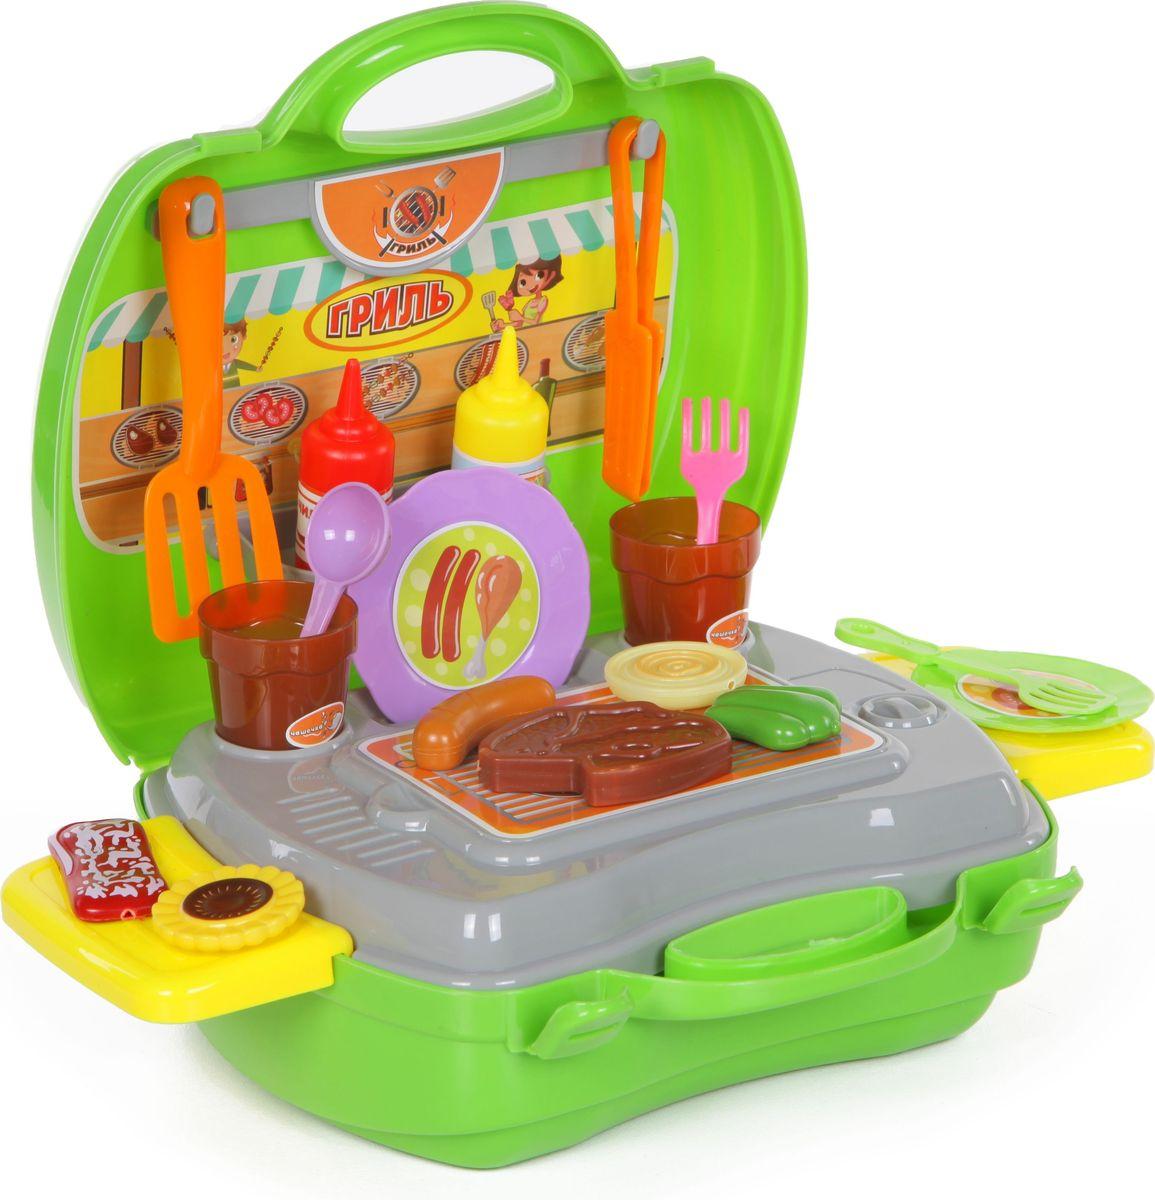 Yako Игровой набор Гриль 36 предметов в чемоданчике yako yako детские строительные инструменты в чемоданчике